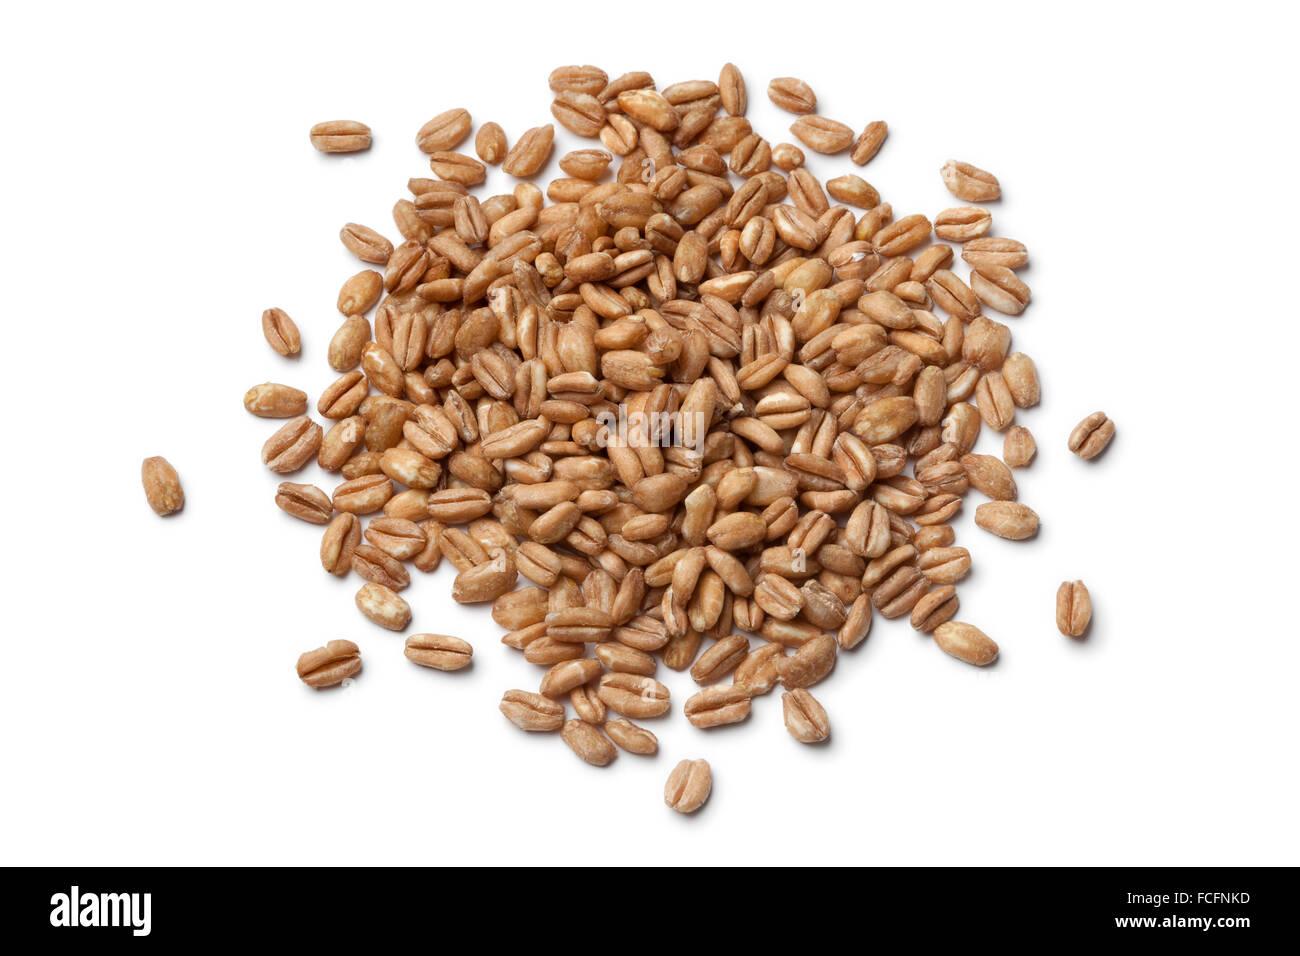 Heap of raw Farro grains on white background Stock Photo